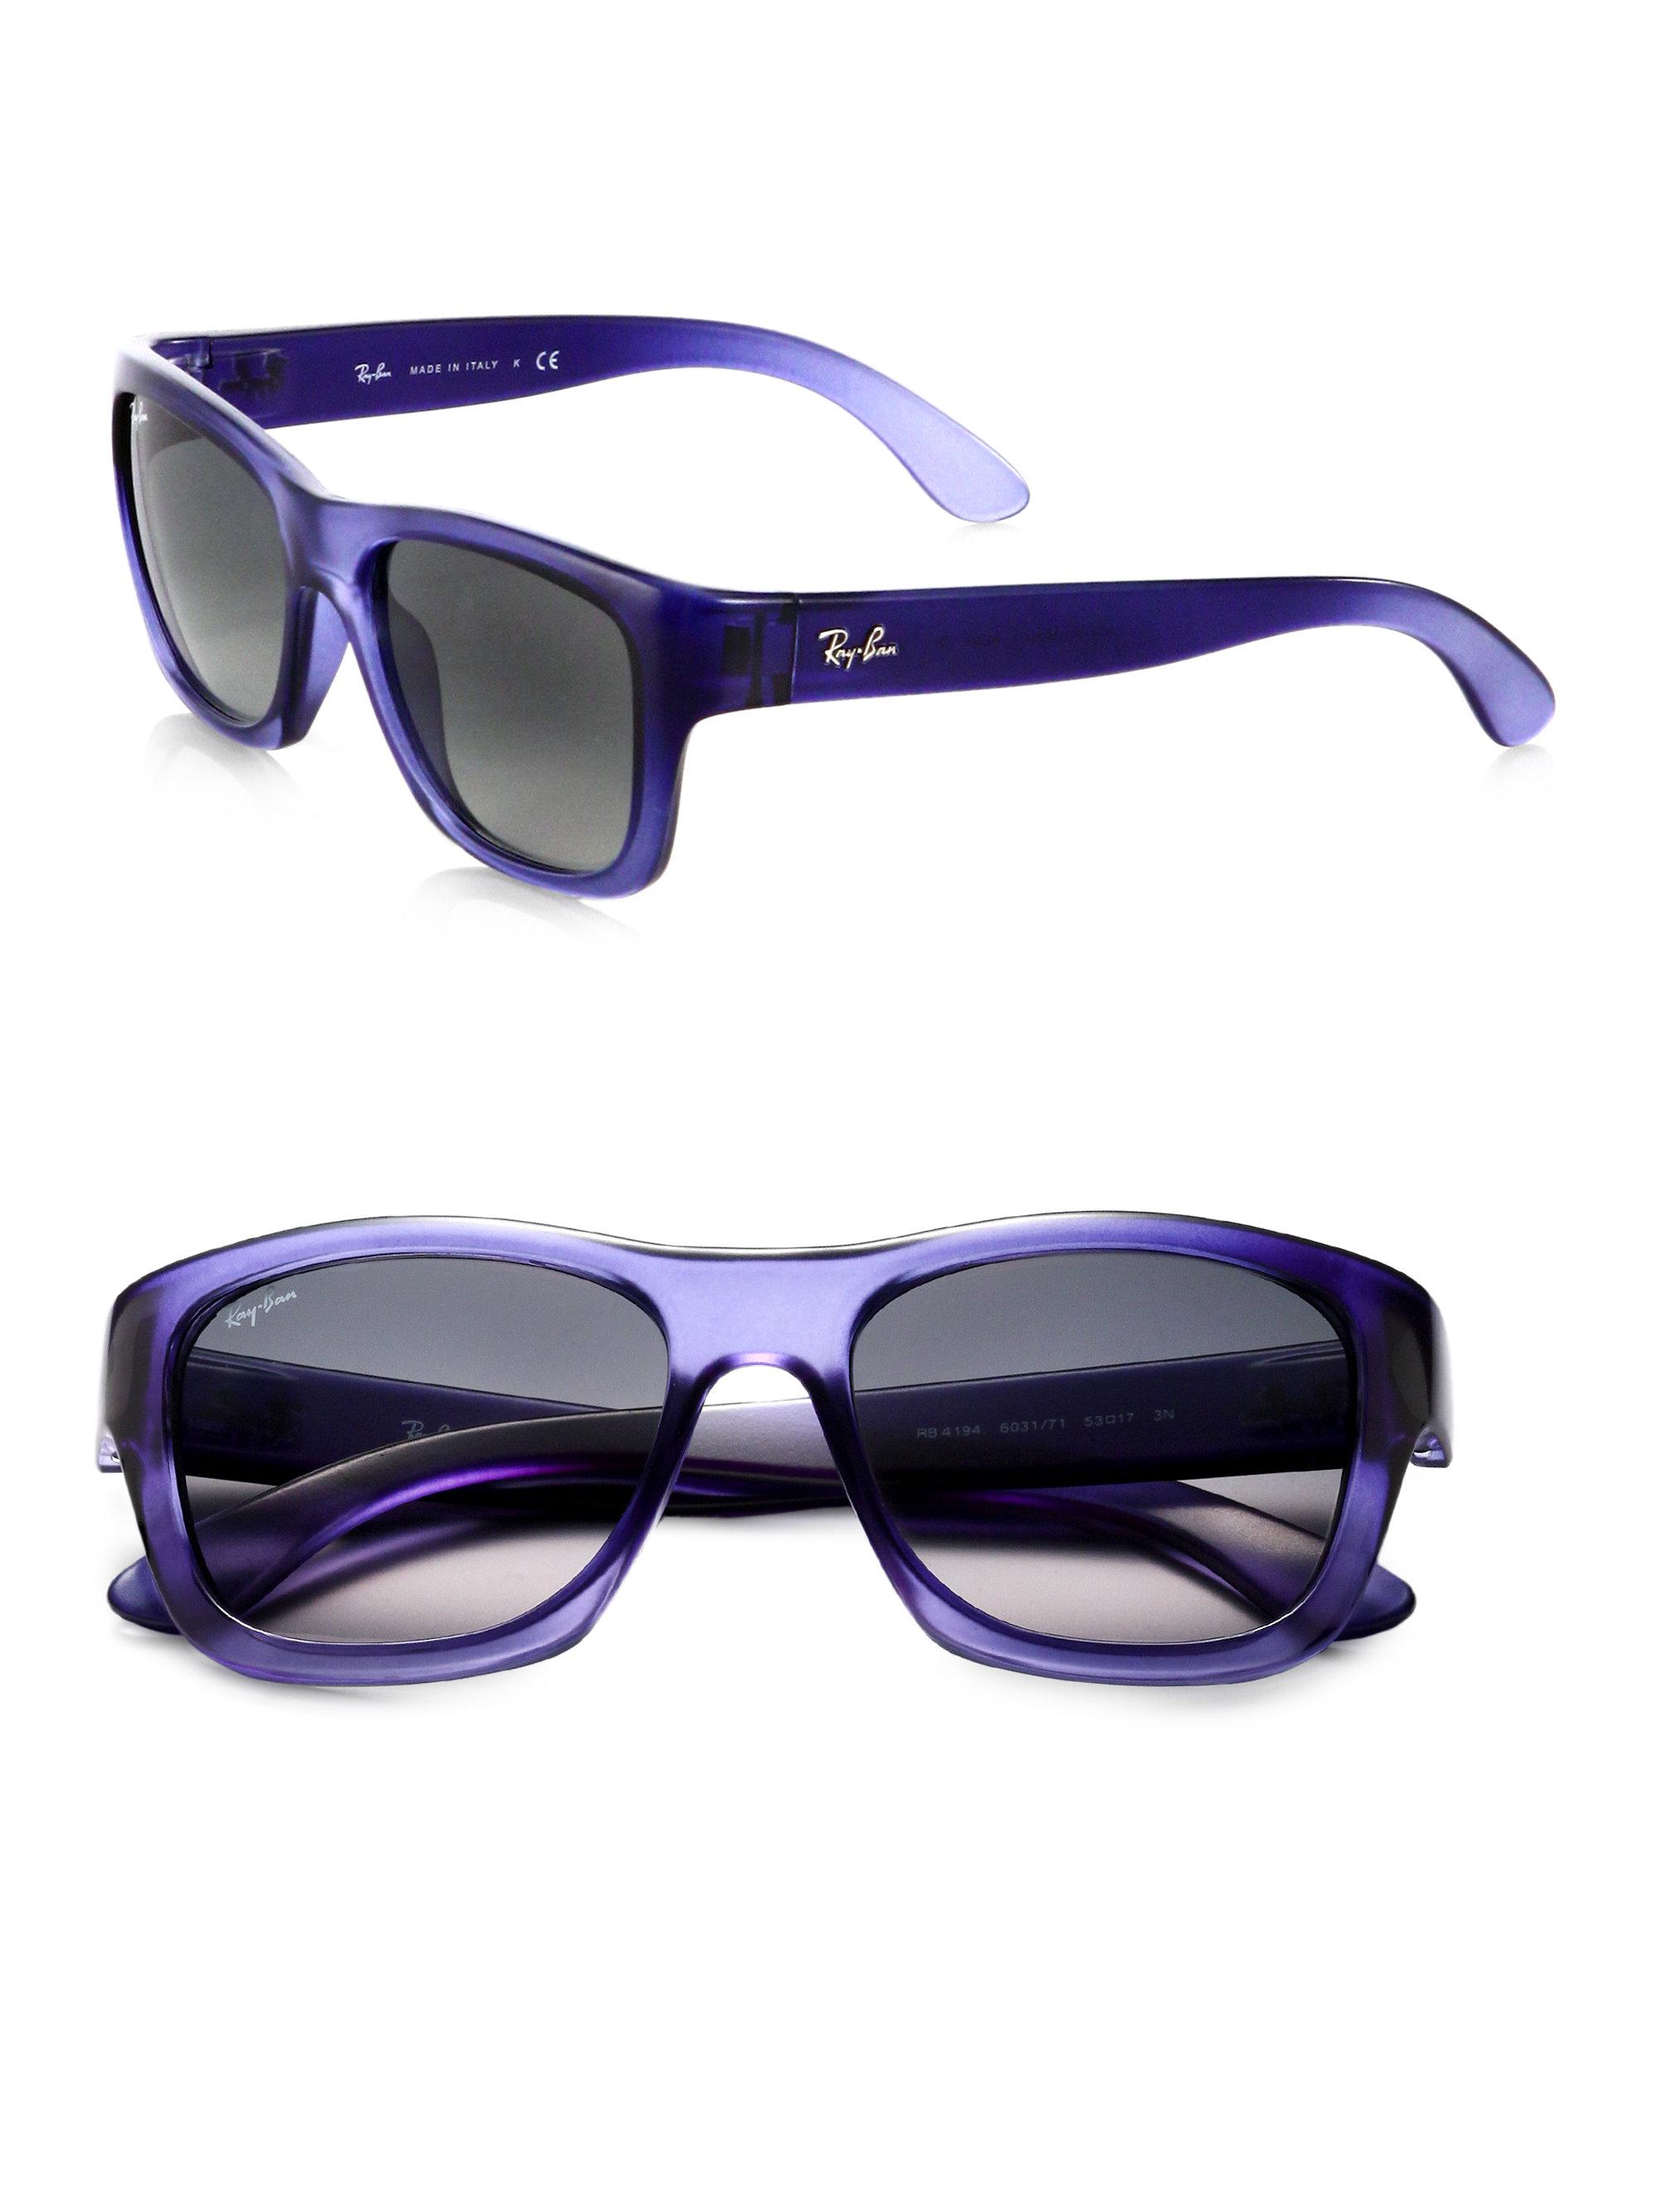 38887cadeb1 Ray-ban Jackie-o Glam Sunglasses